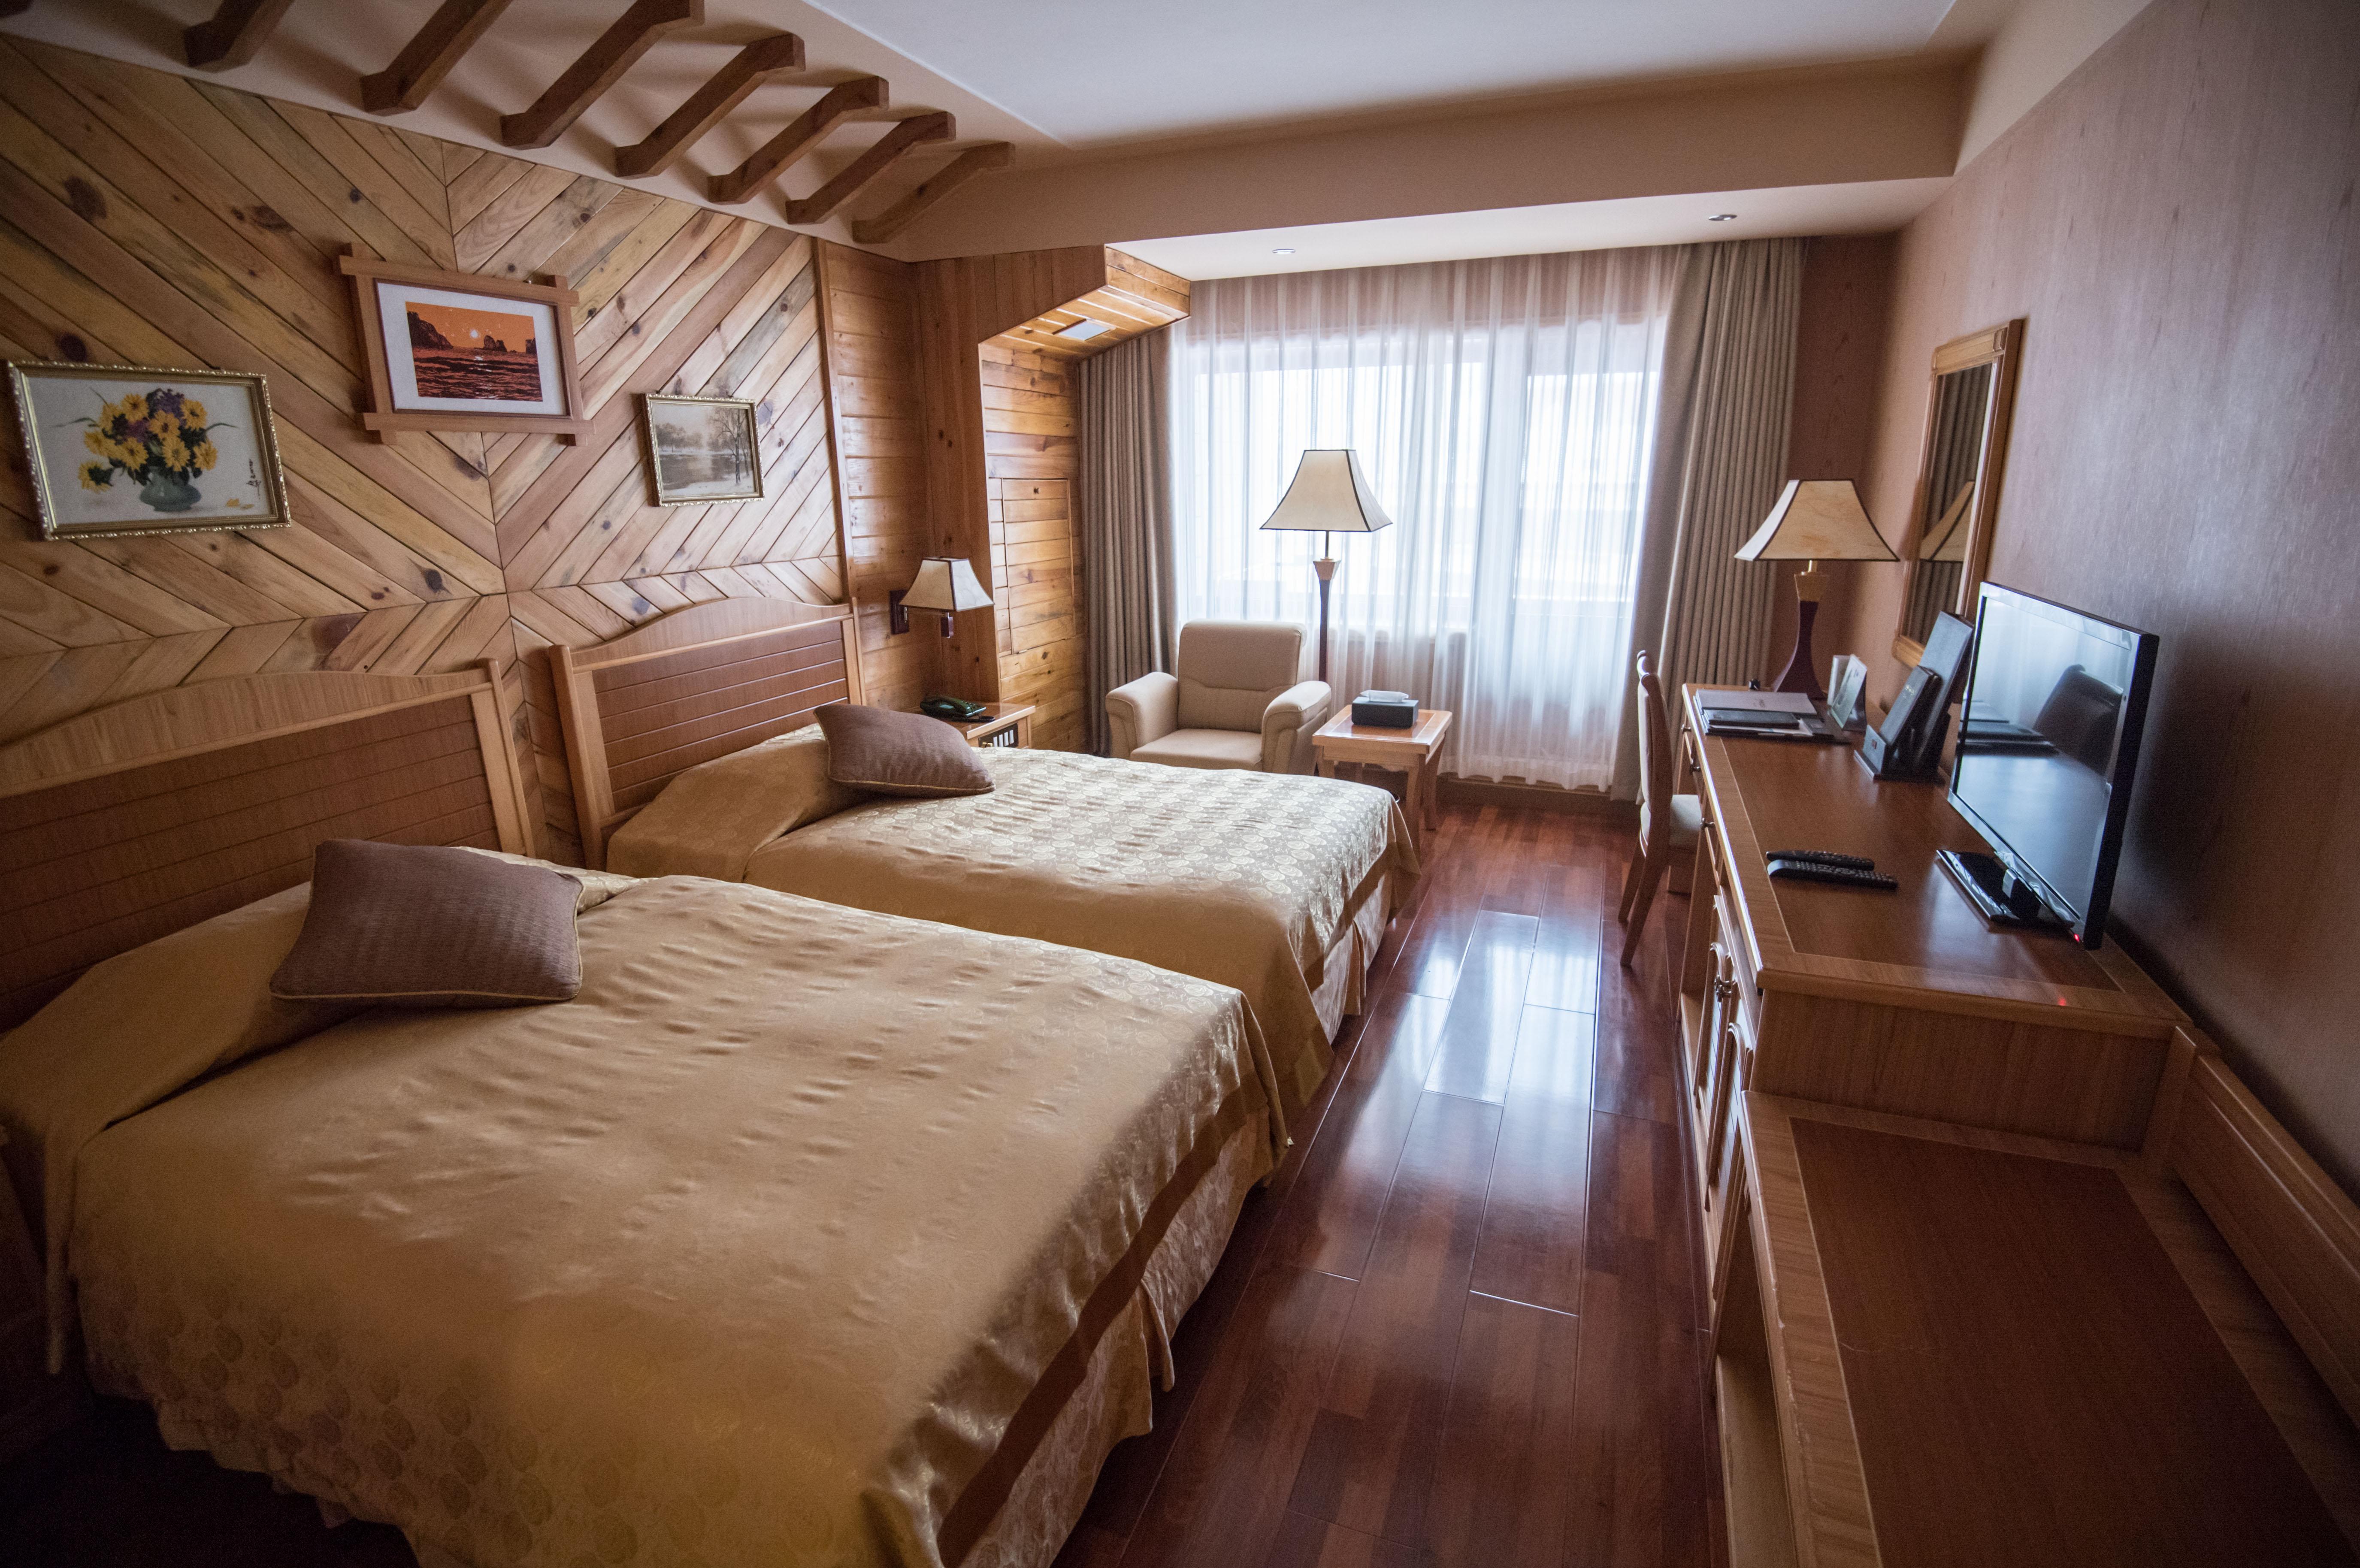 NKOREA-TOURISM-LEISURE-SKI-DIPLOMACY